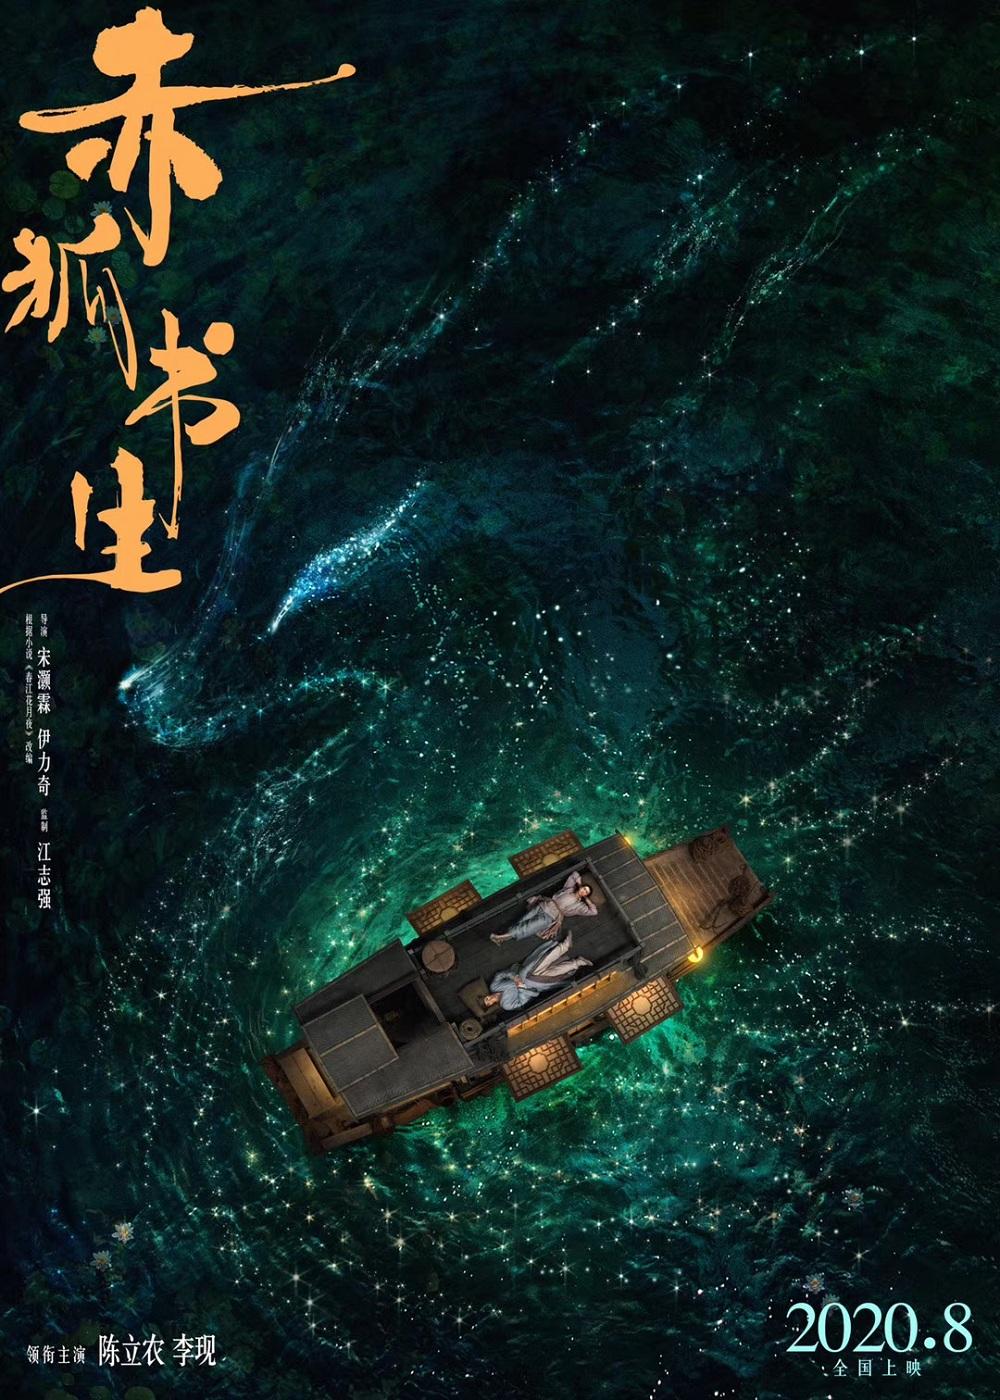 李现领衔主演奇幻电影《赤狐书生》正式定档2020年8月